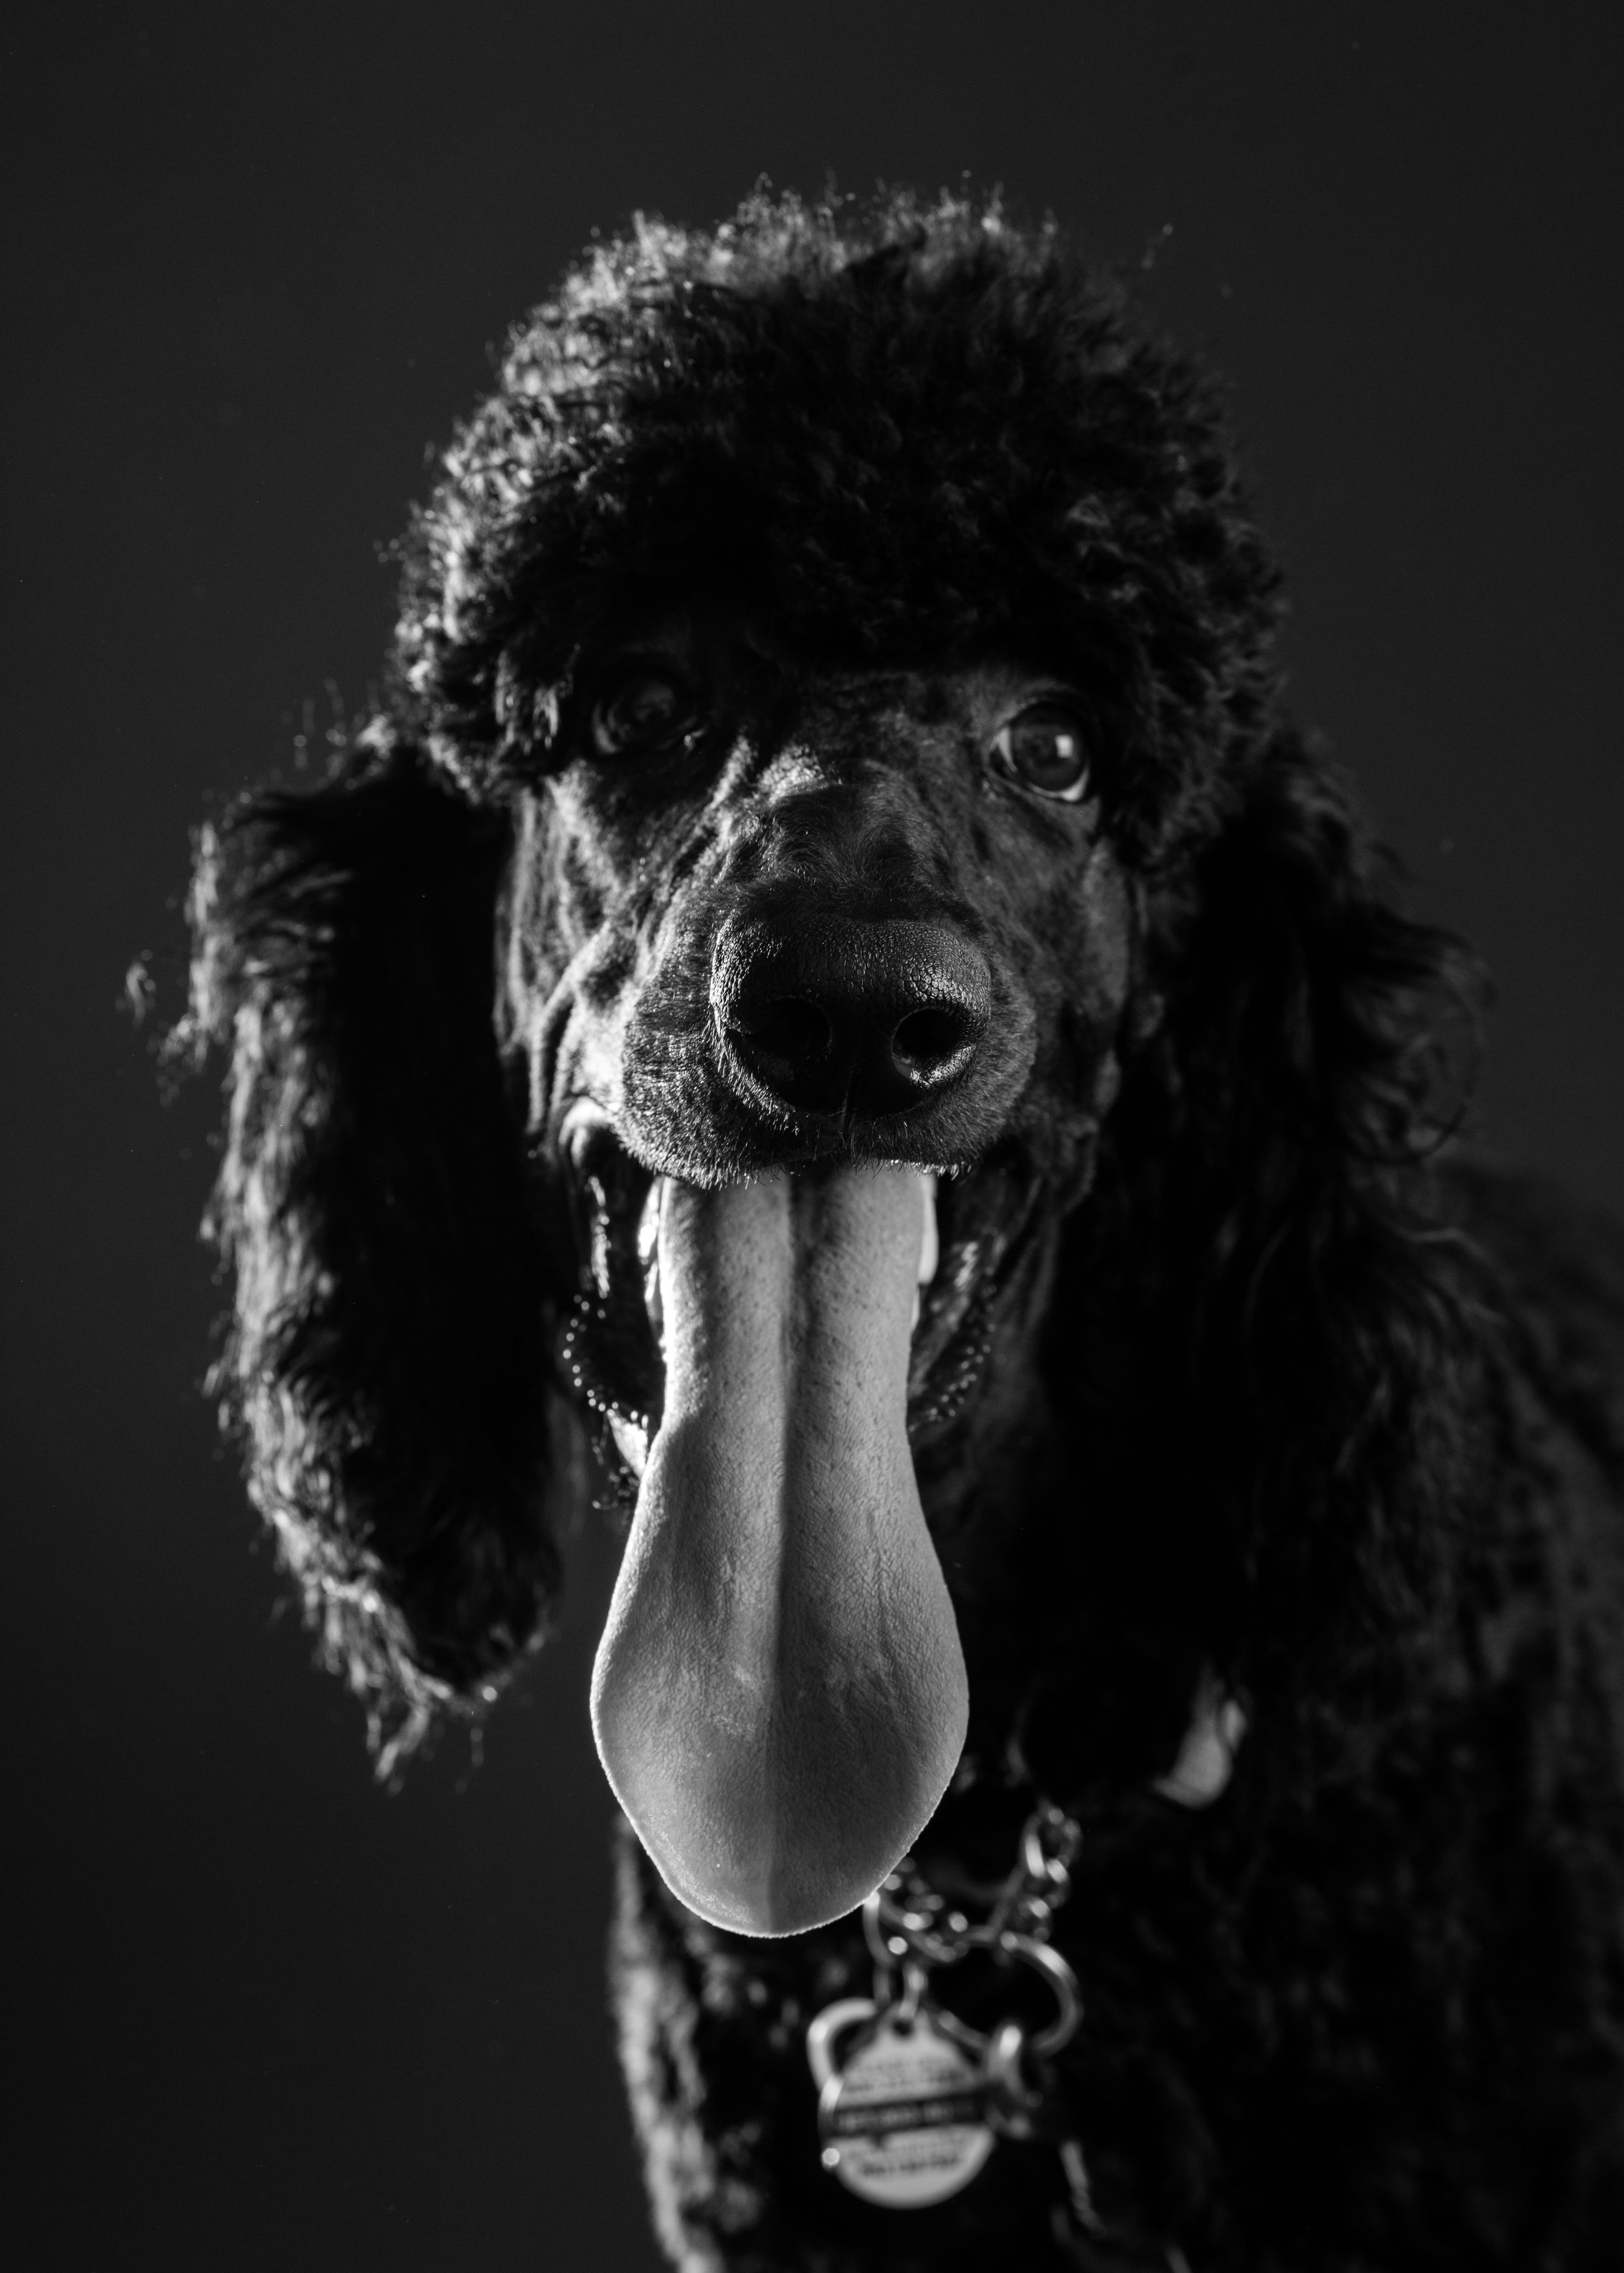 B&W Dog Portraits-whitneymclaren-3-4-.jpg